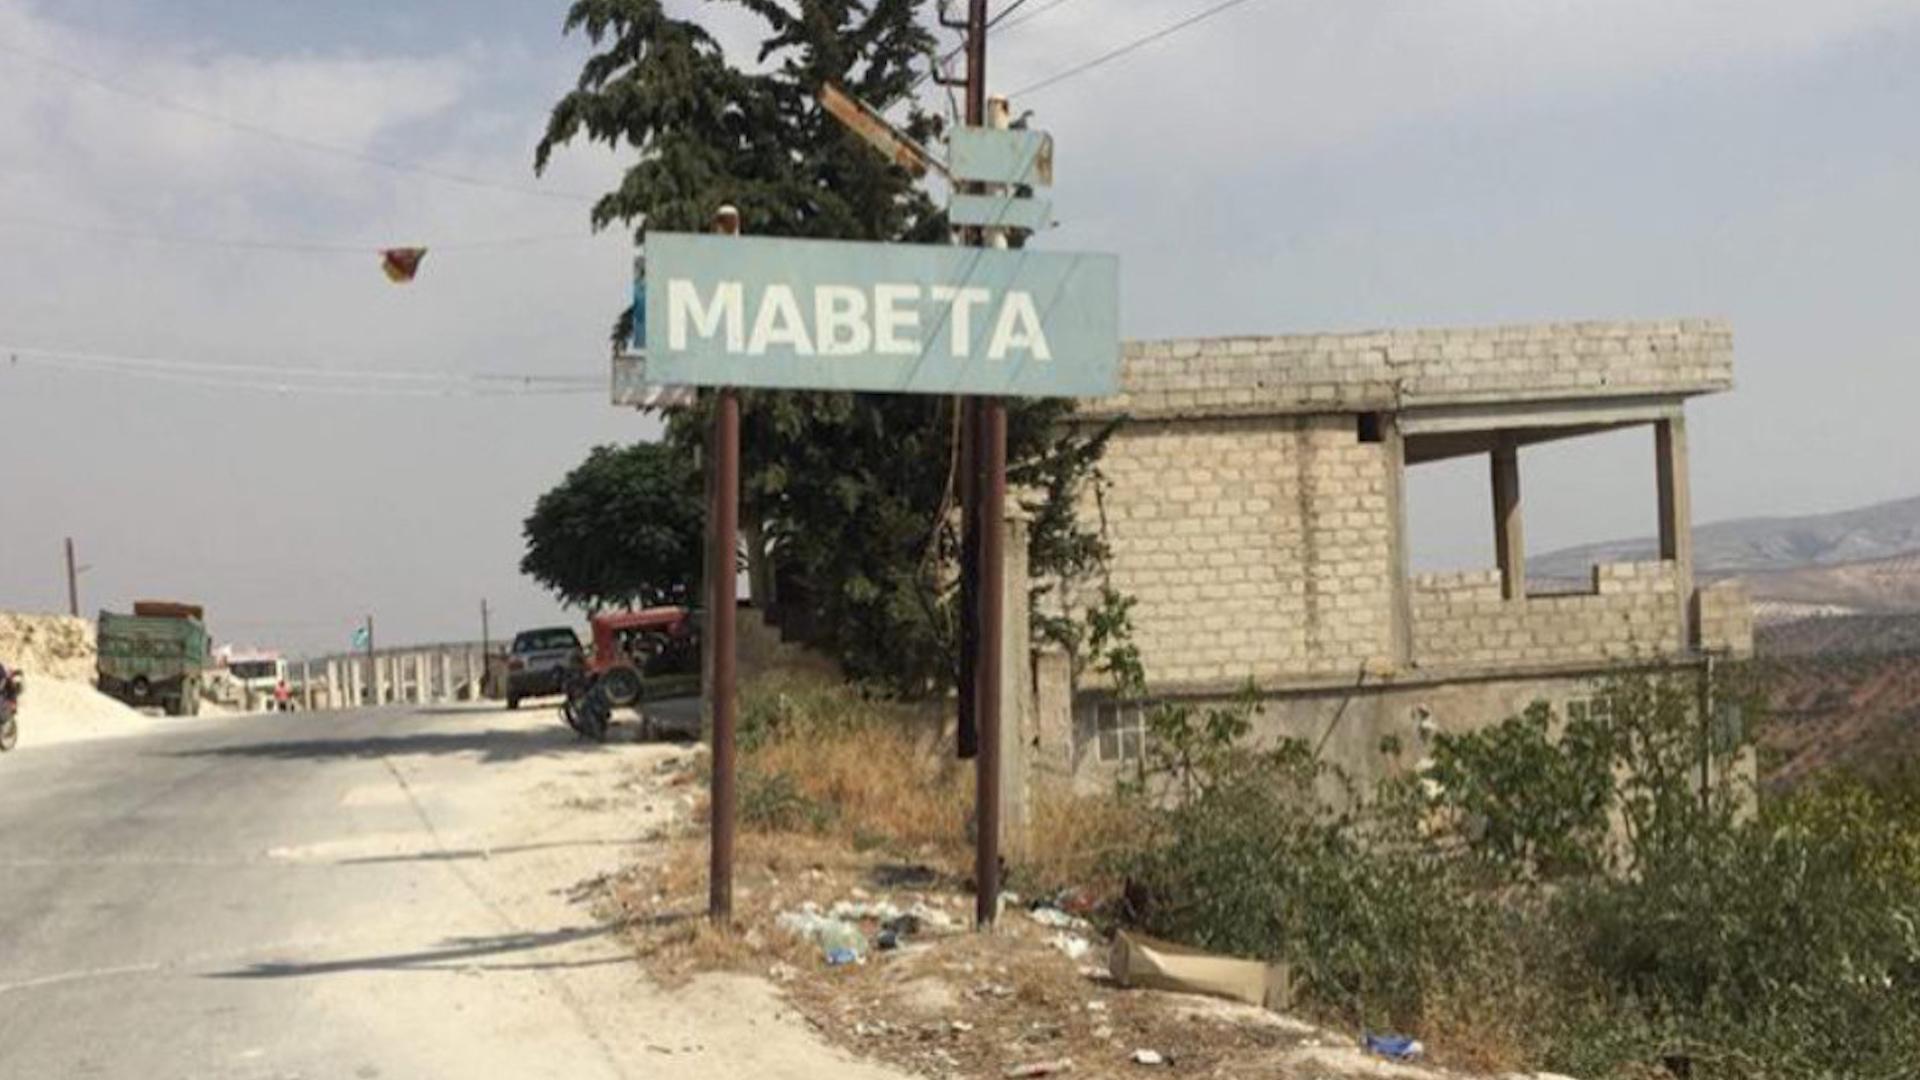 Photo of Li 9 şêniyên Efrînê cezayê muebbetê hate birrîn